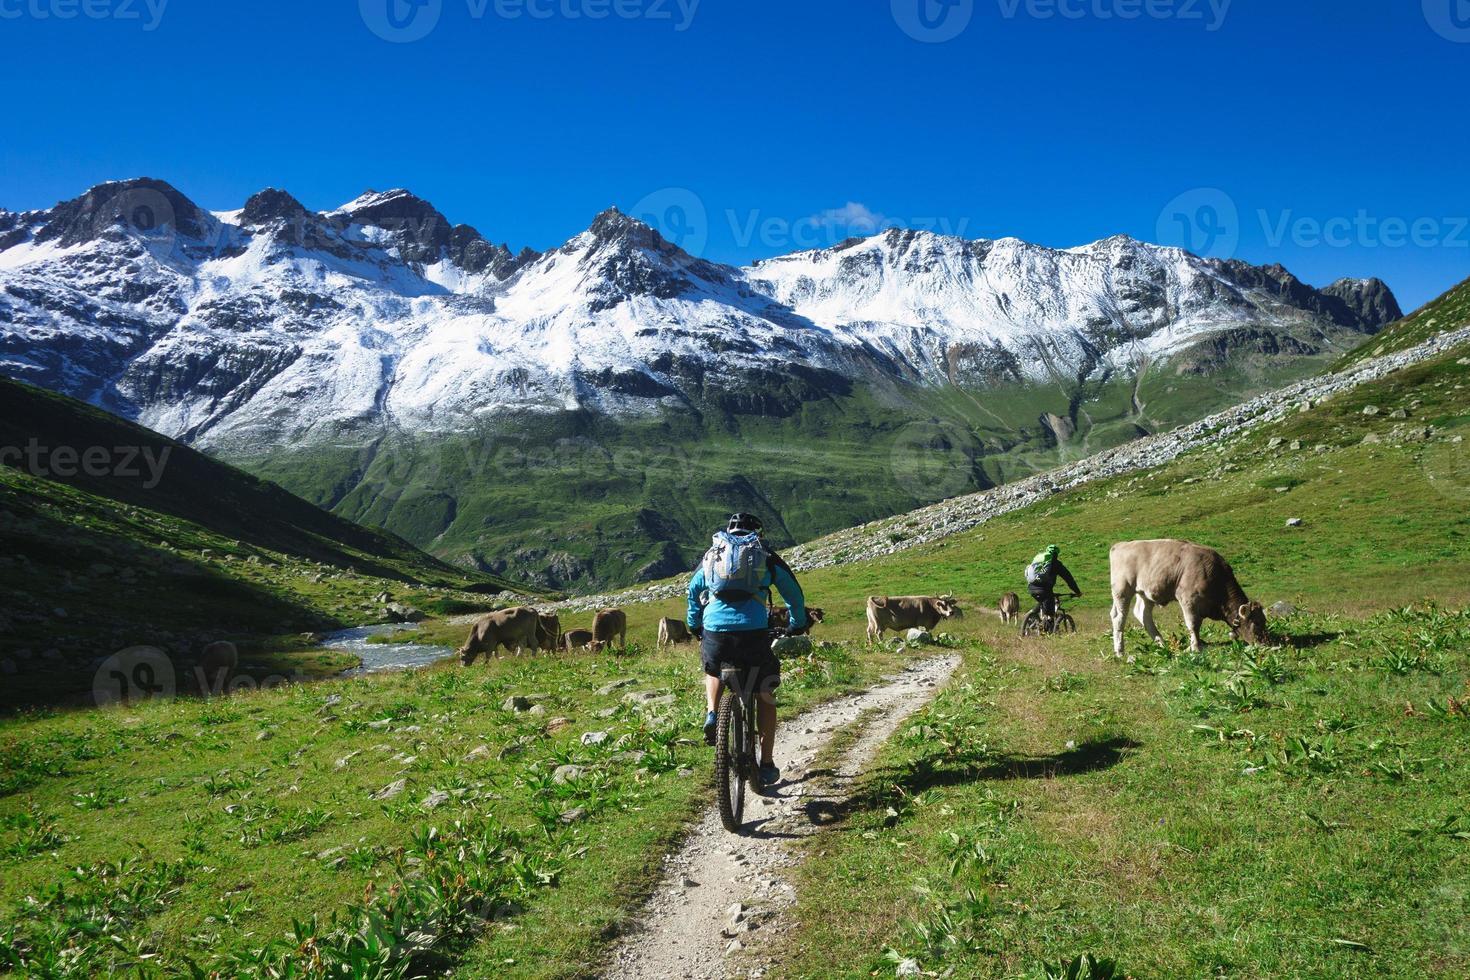 fjällcyklist passerar förbi en flock kor foto